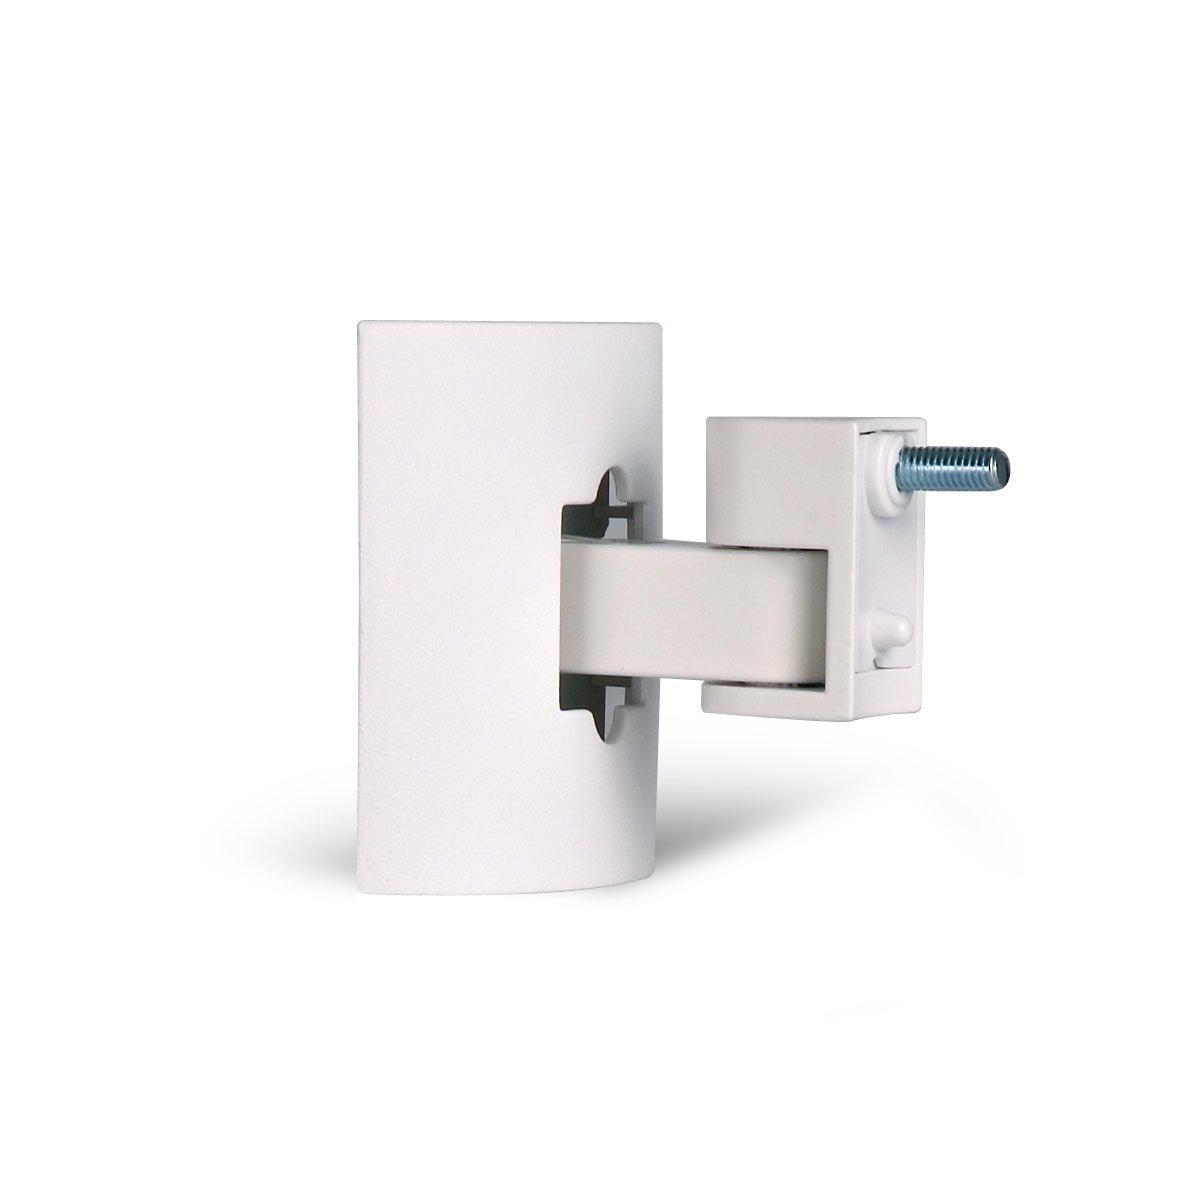 Bose UB20 Bracket White - Wall Mount Configuration